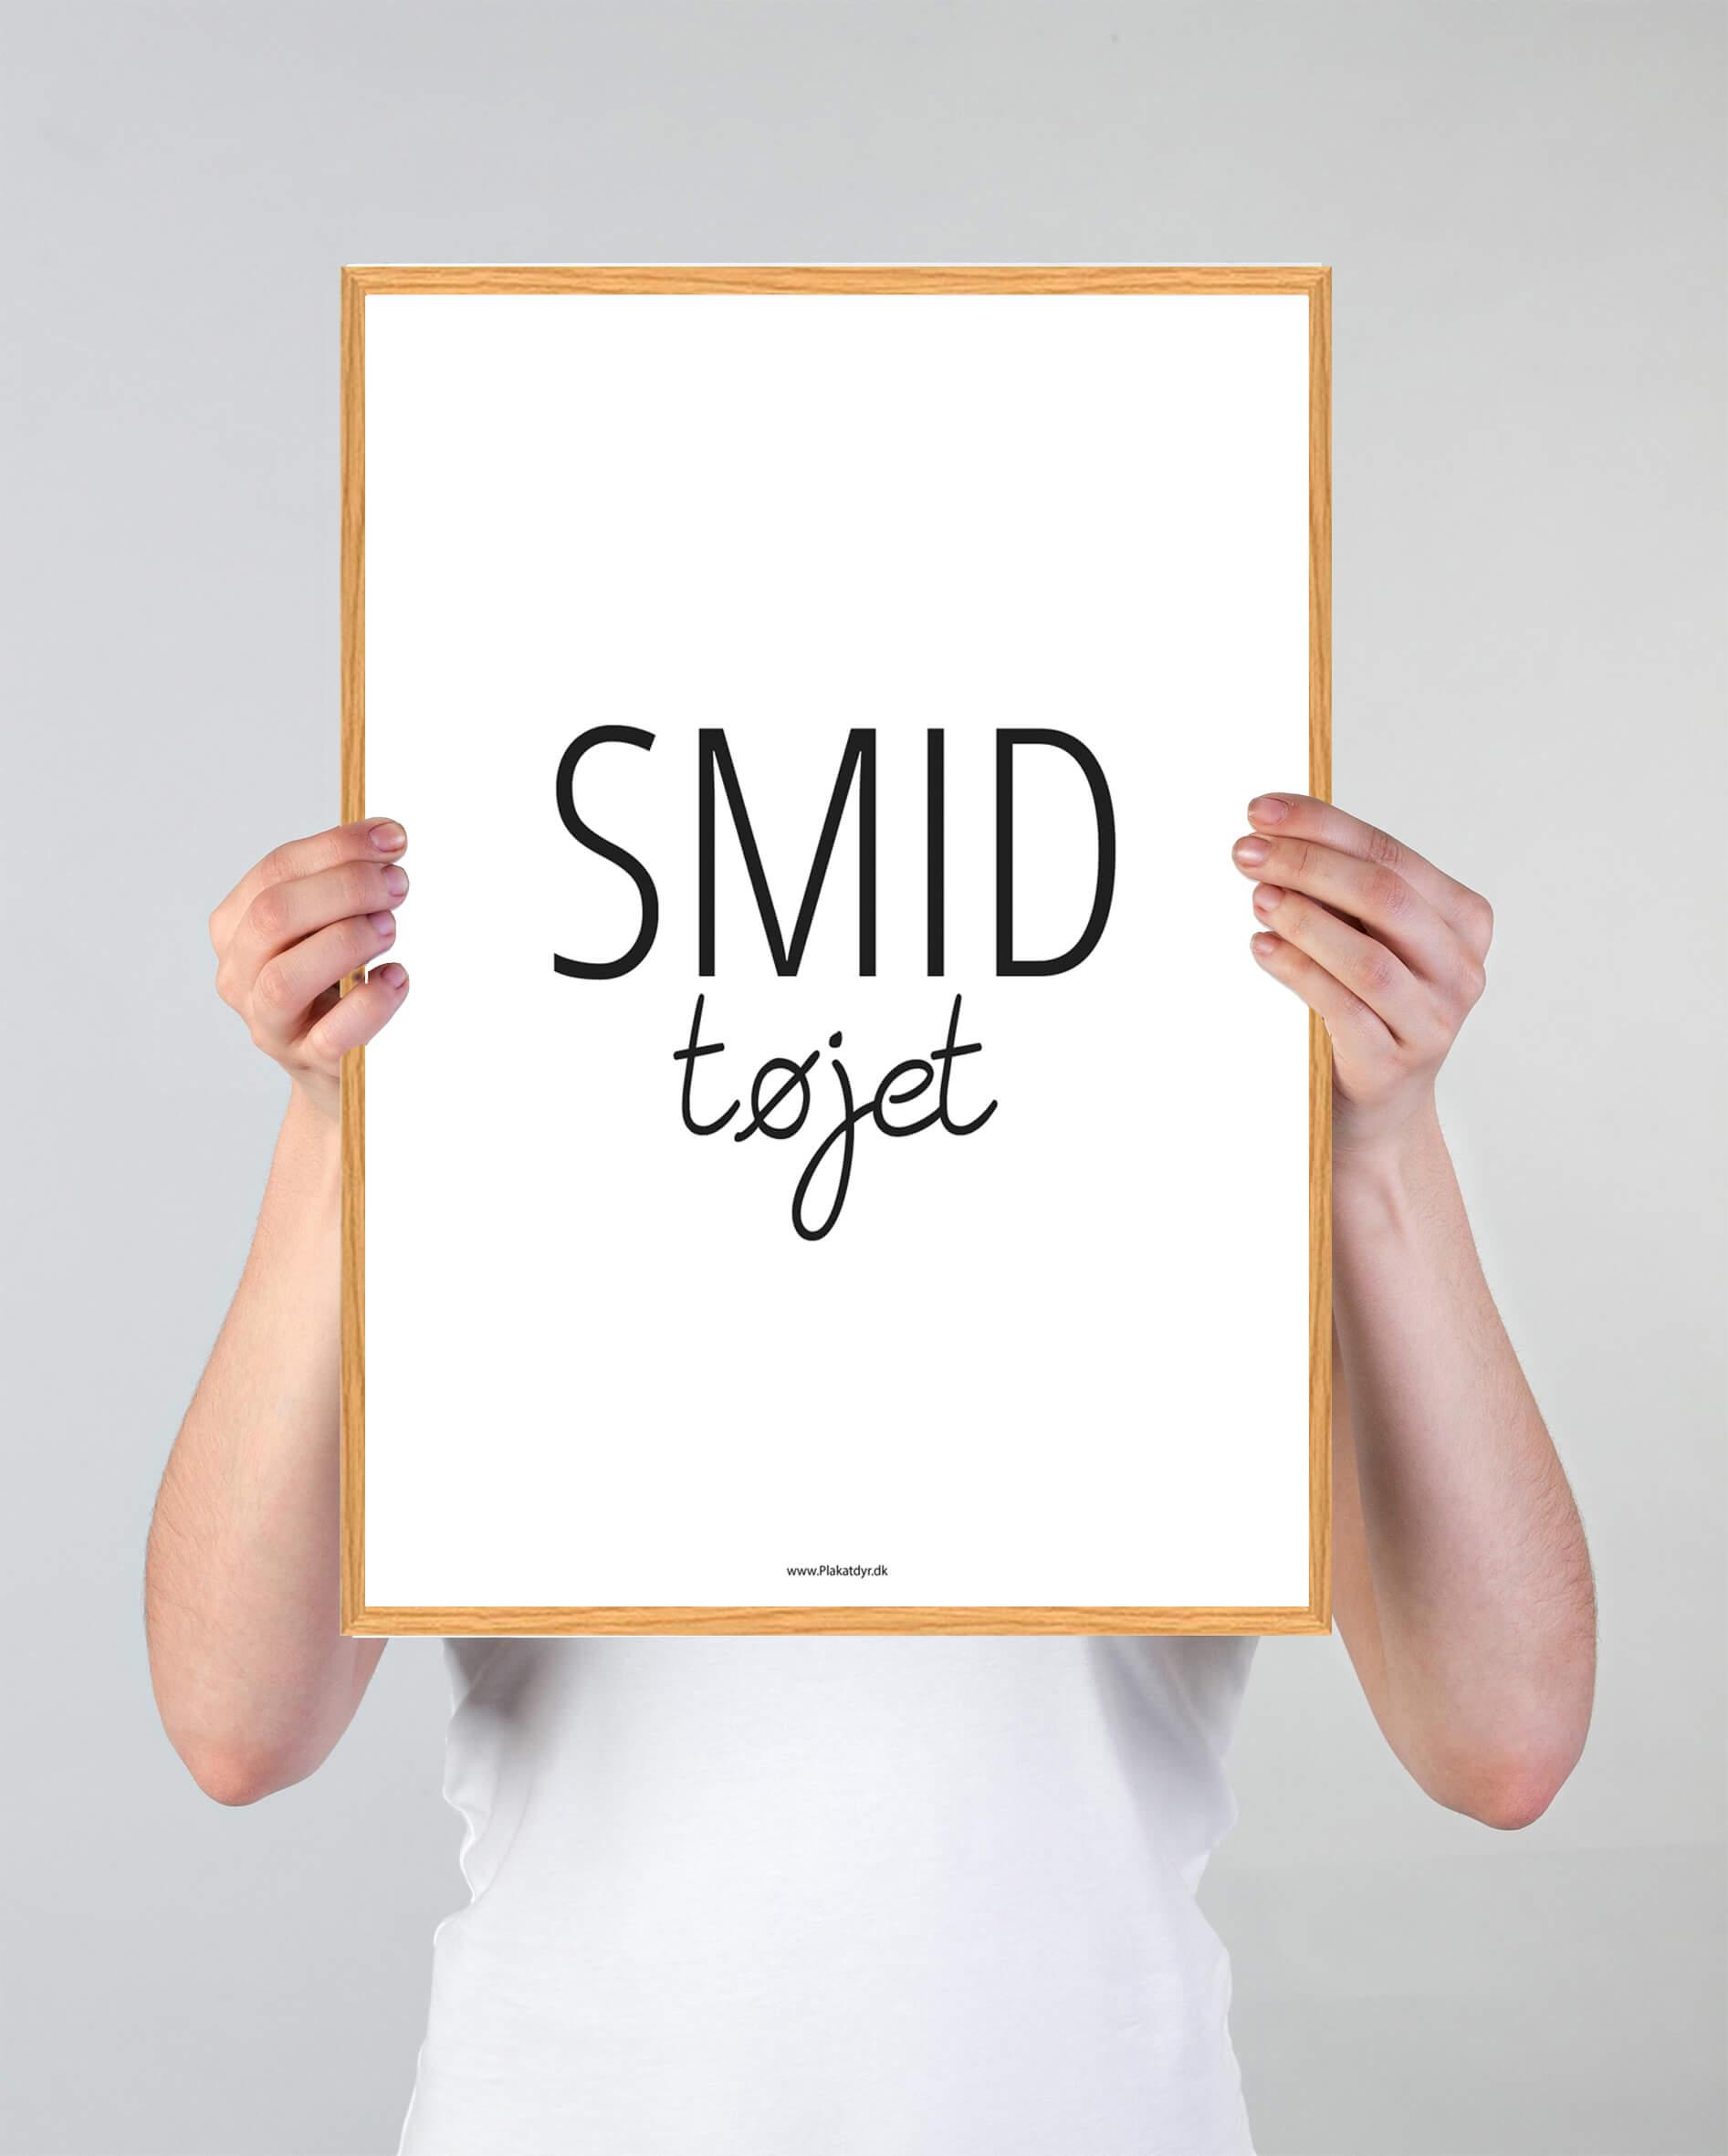 smid-toejet-plakat-2